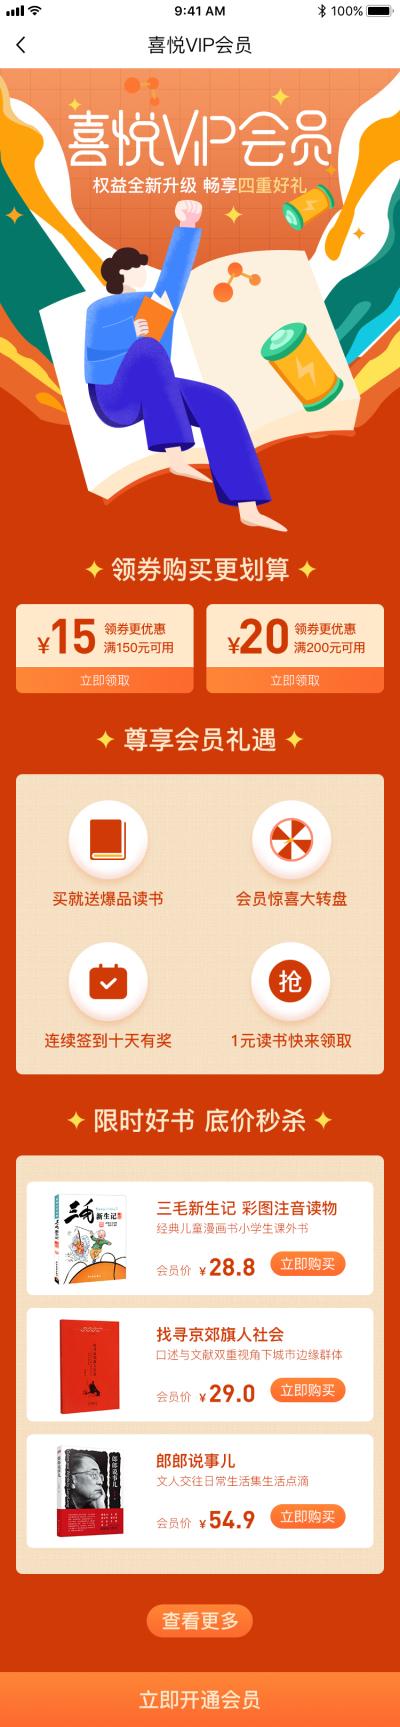 专题页---喜悦vip会员(阅读app)